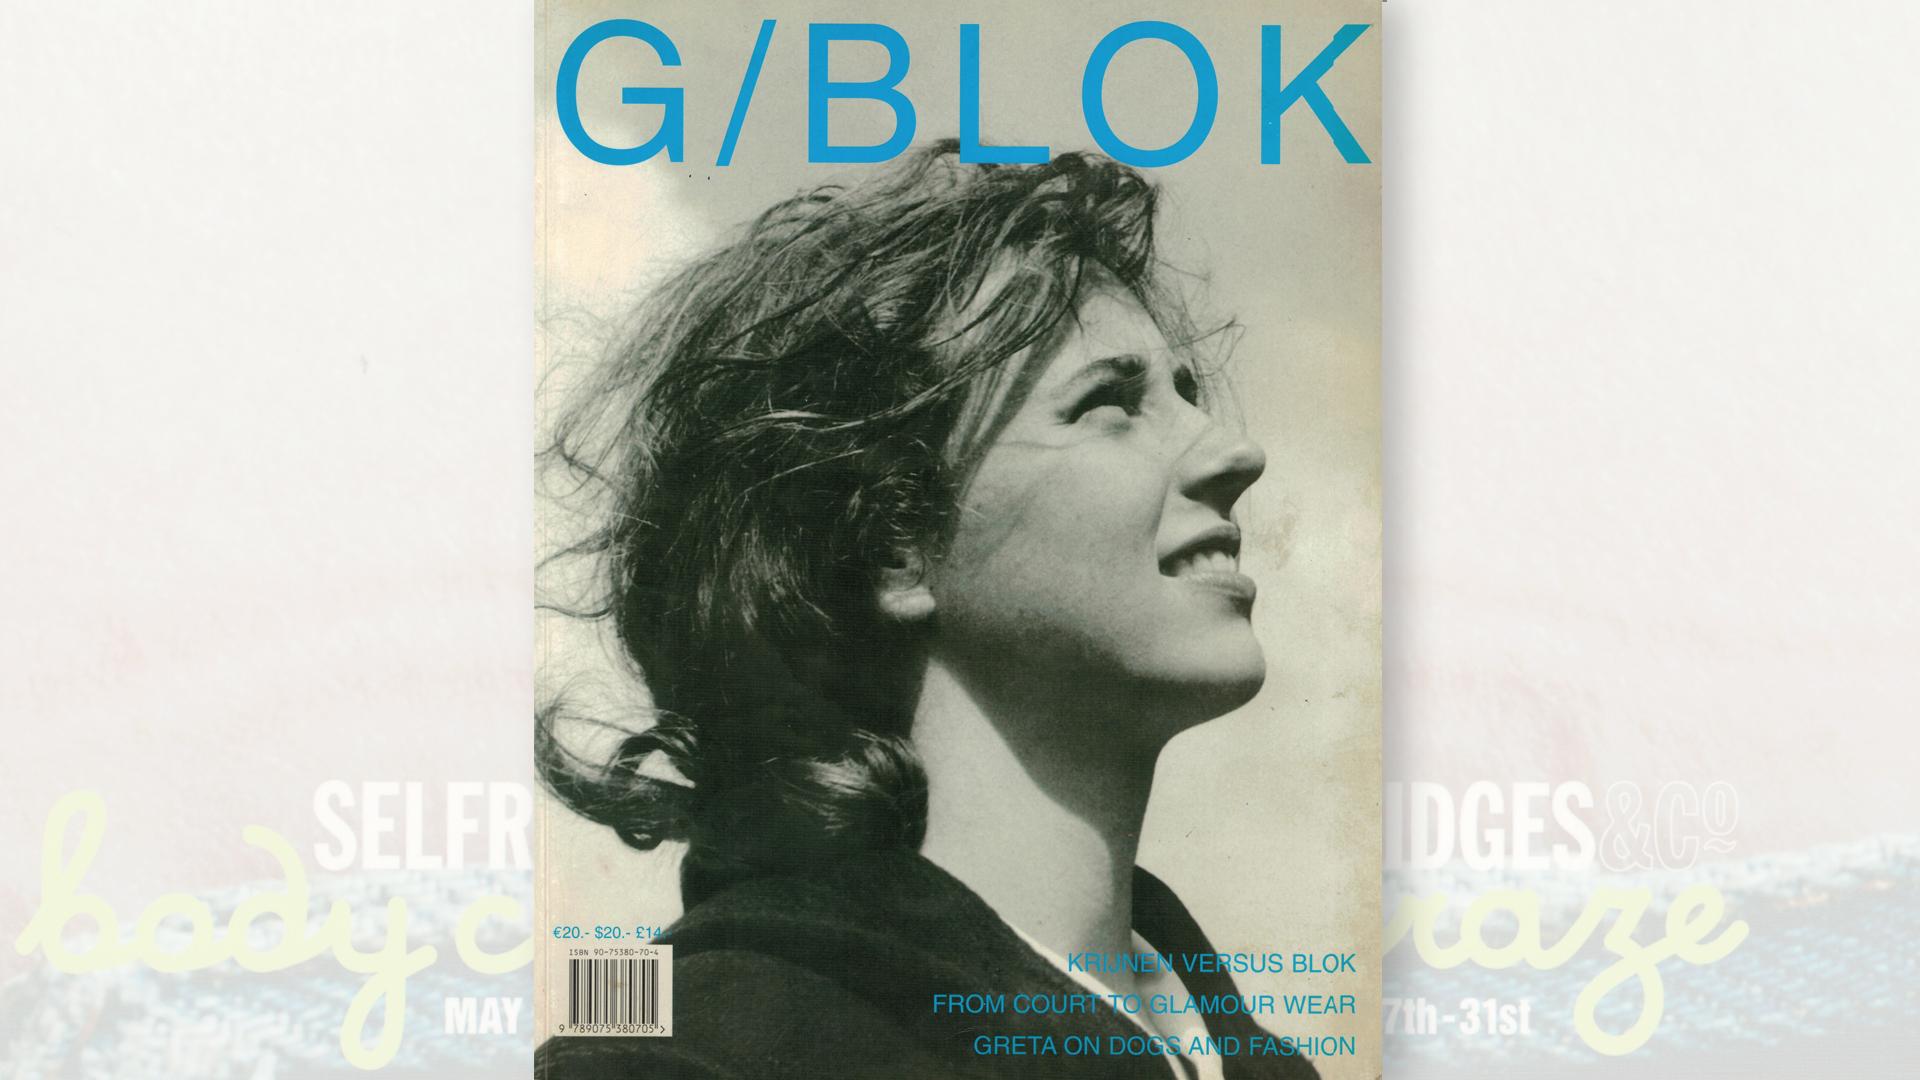 boekomslag G/BLOK